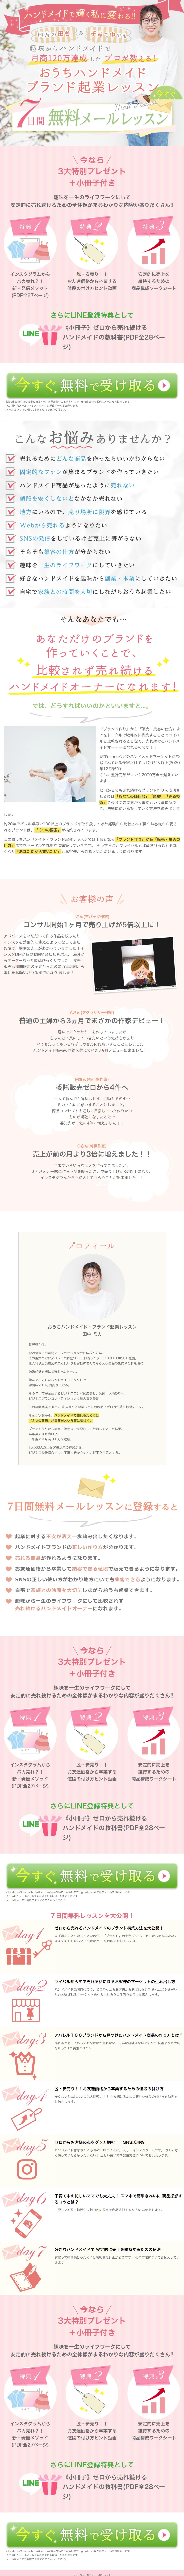 ホームページ制作・ランディングページ 飯田市 Onemade様